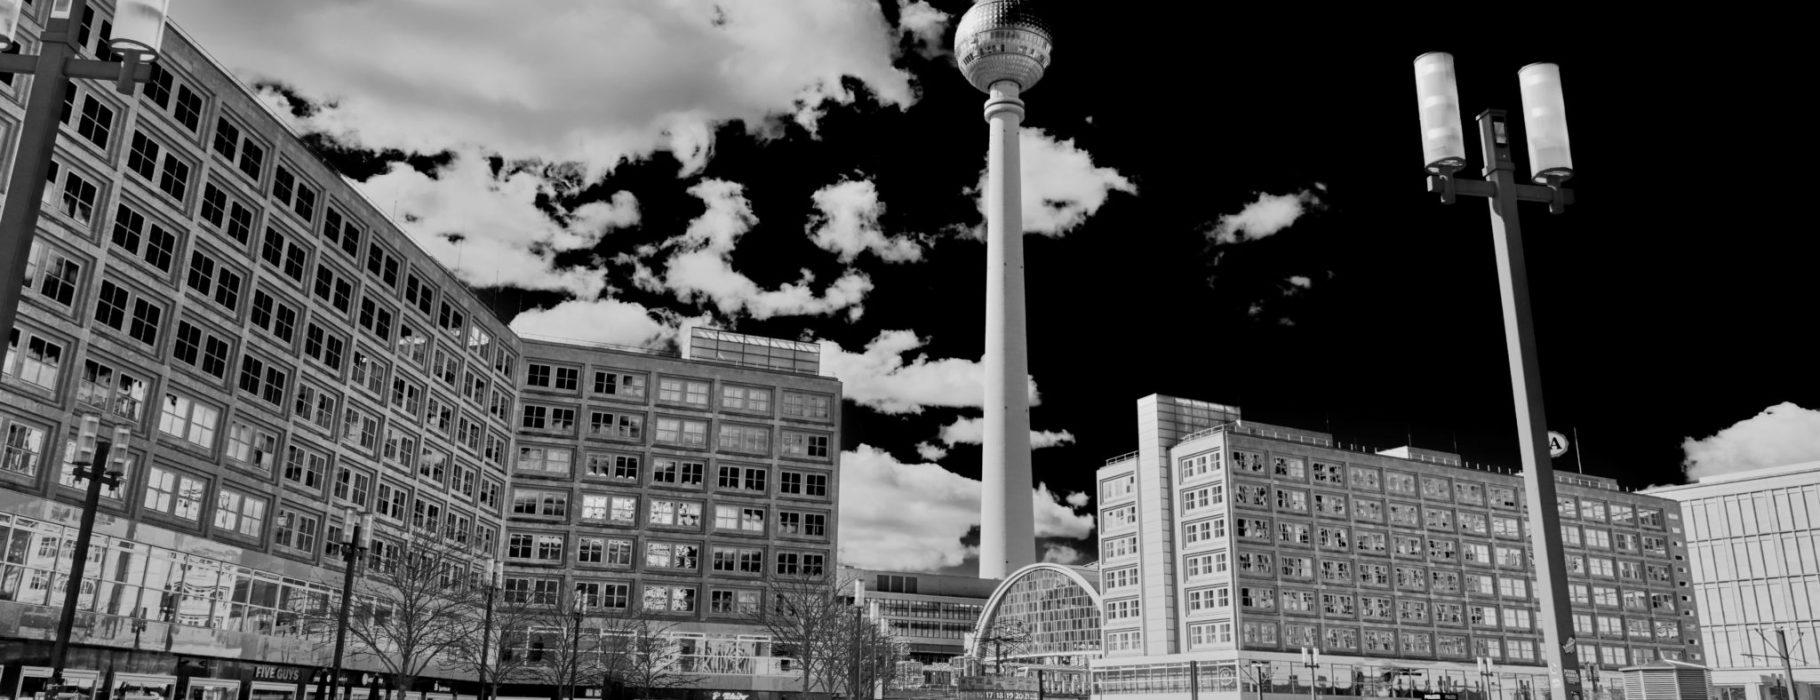 berlin empty